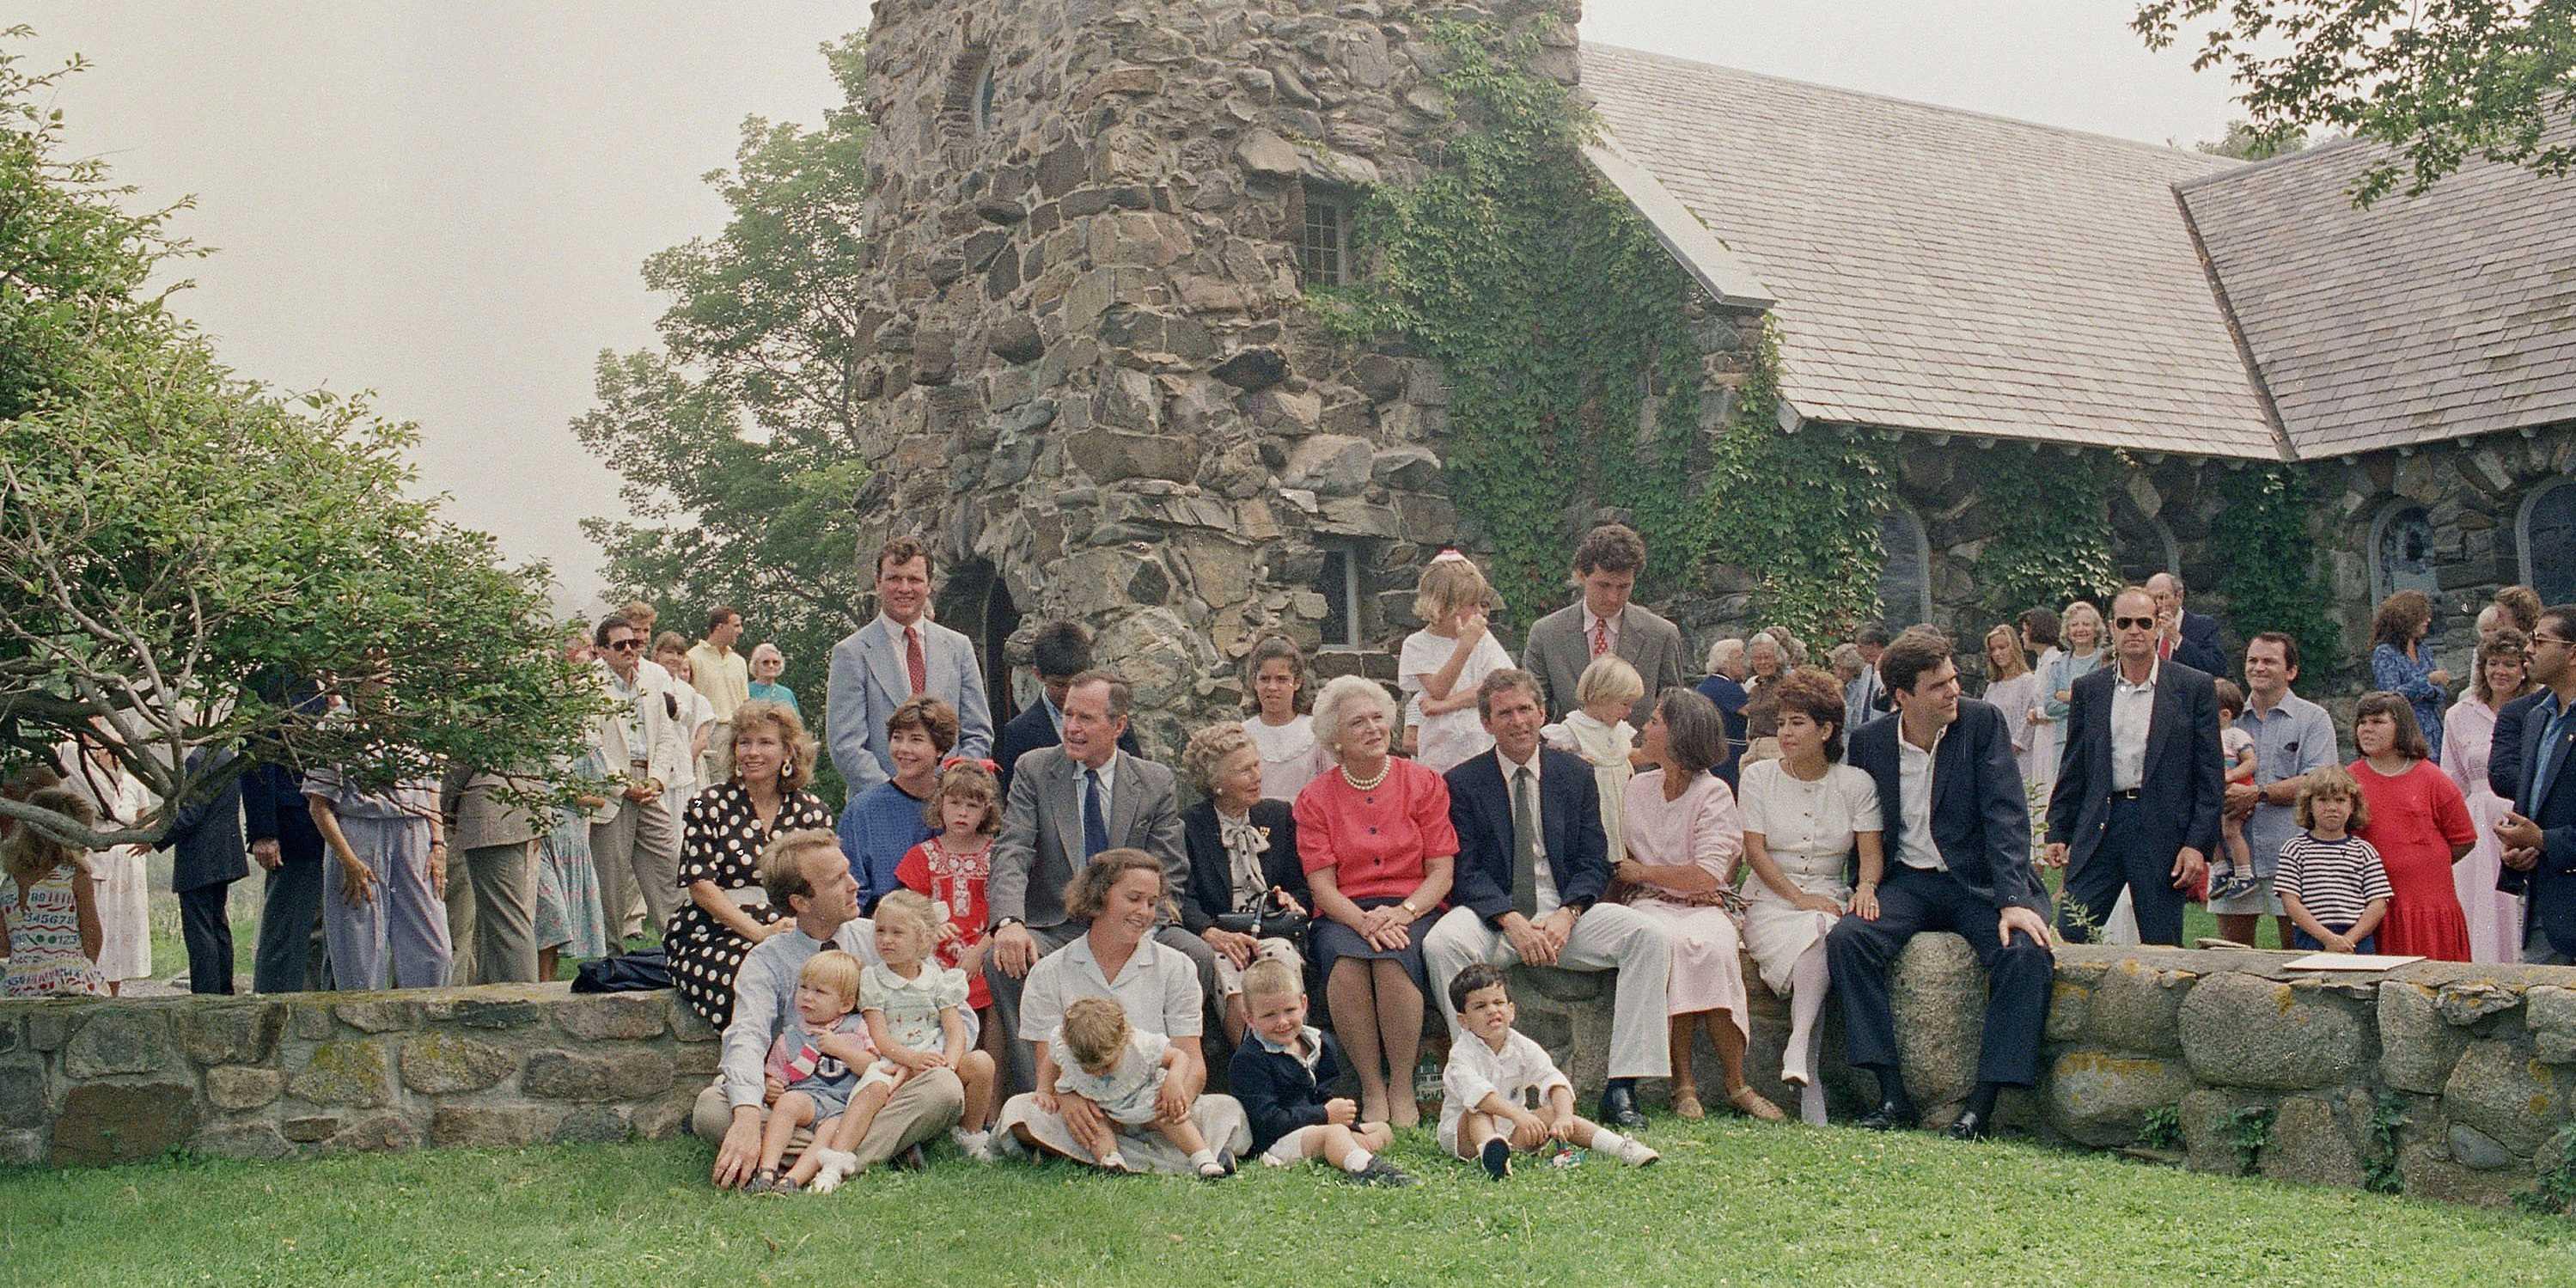 https://i1.wp.com/static6.businessinsider.com/image/5500828b6da811950a82c541-1200/bush-family-portrait.jpg